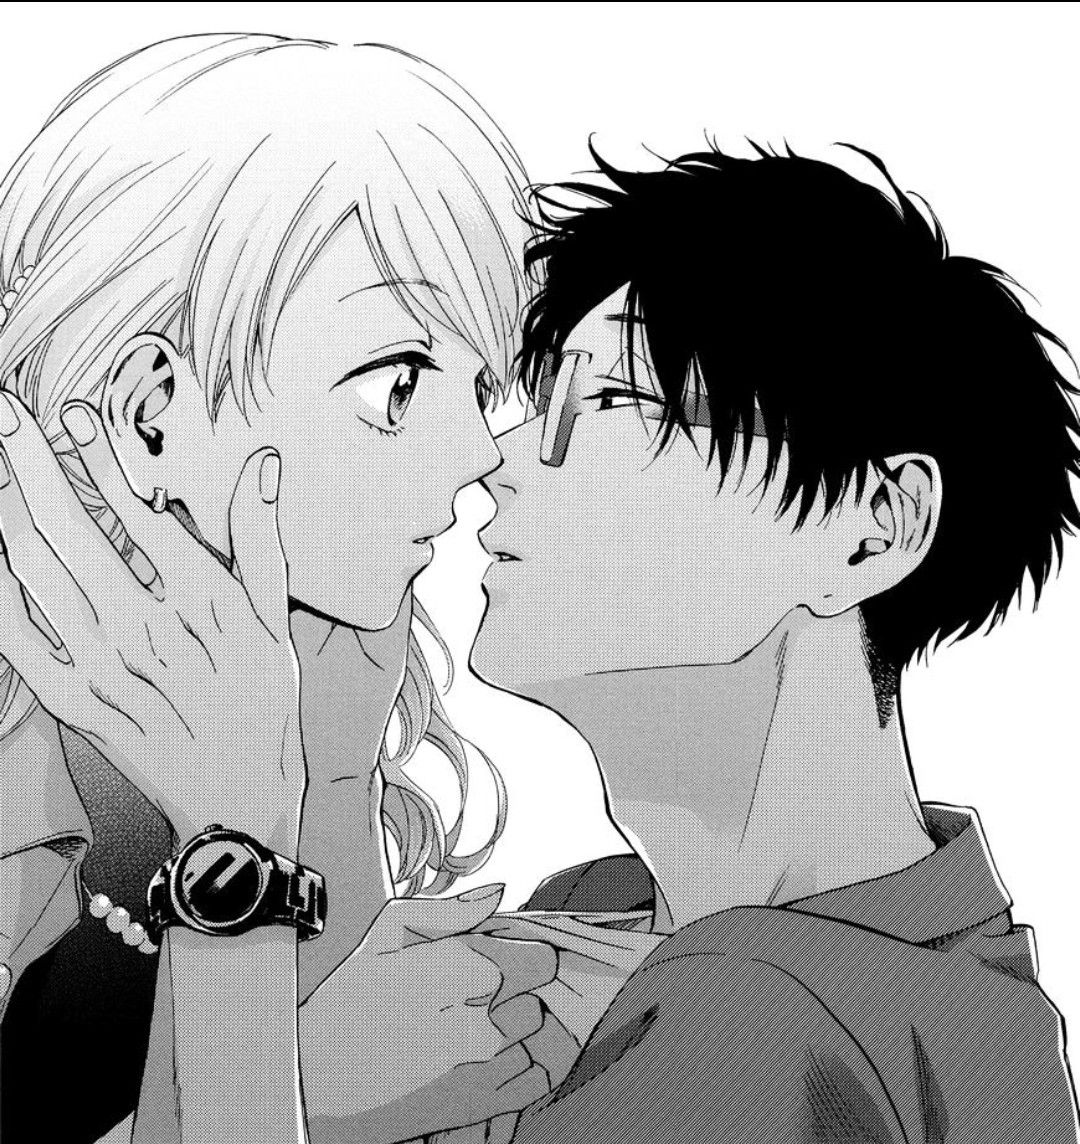 Wotakoi   Anime, Manga romance, Otaku anime